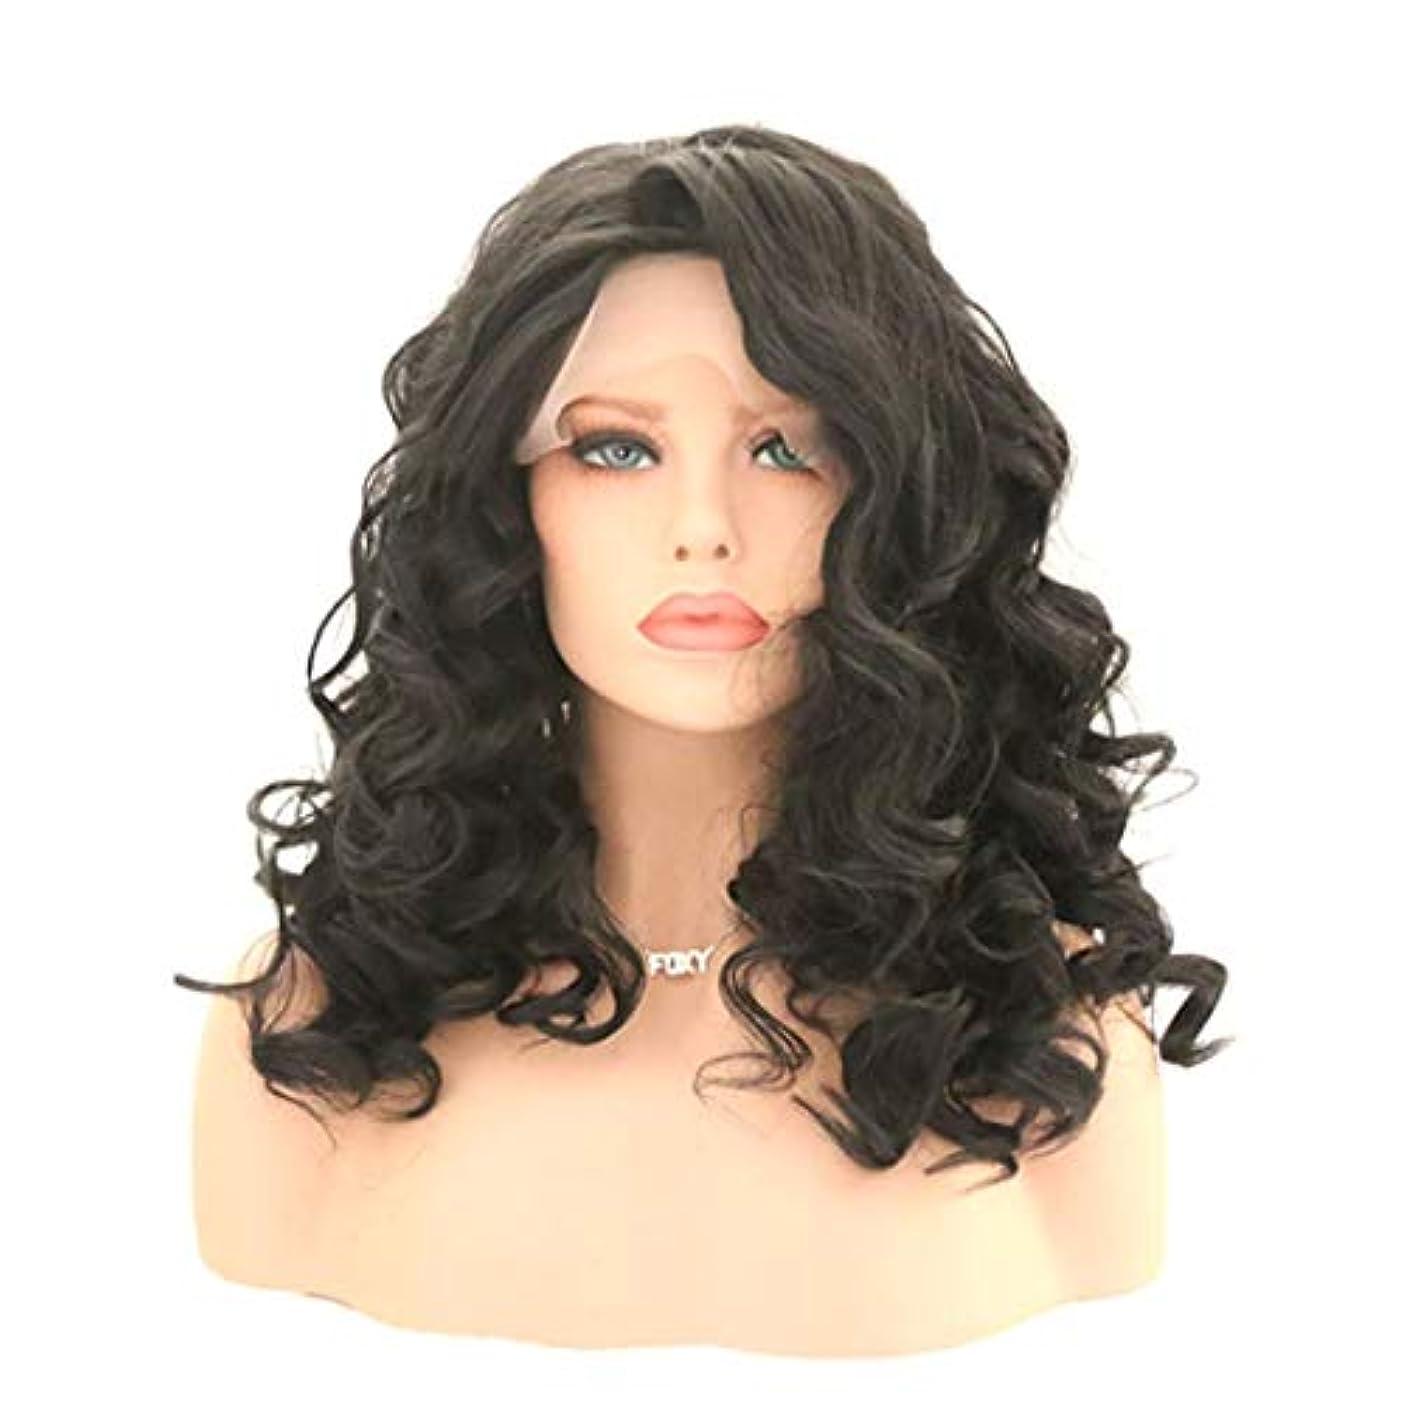 体細胞閉塞同化するKerwinner 女性のためのカーリー波状かつら前髪付きかつら人工毛髪かつら自然なかつら (Size : 22 inches)